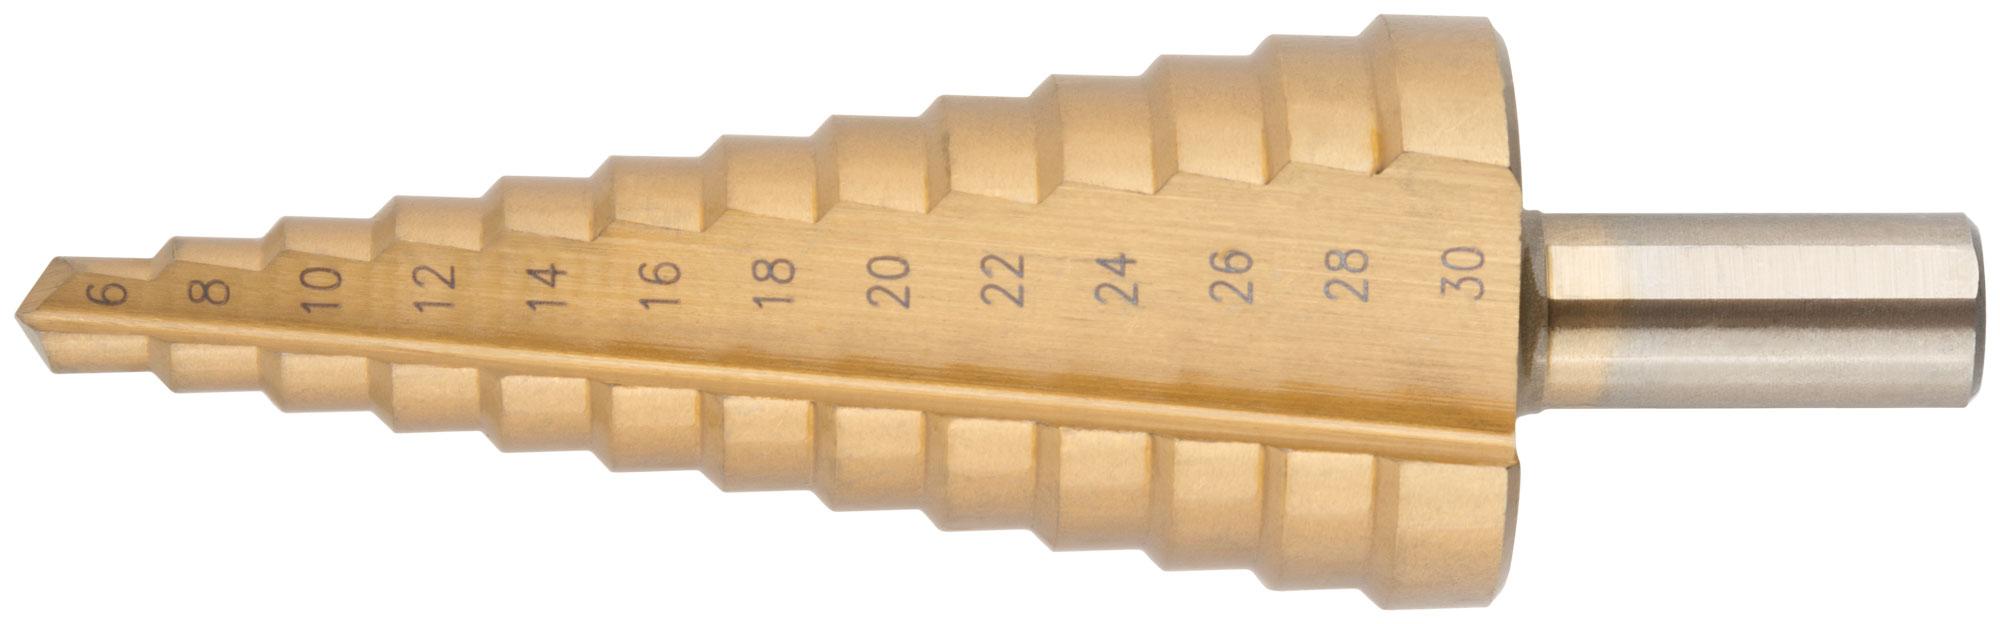 Особенности конусных и ступенчатых сверл для работы по металлу: особенности, правила выбора, заточка